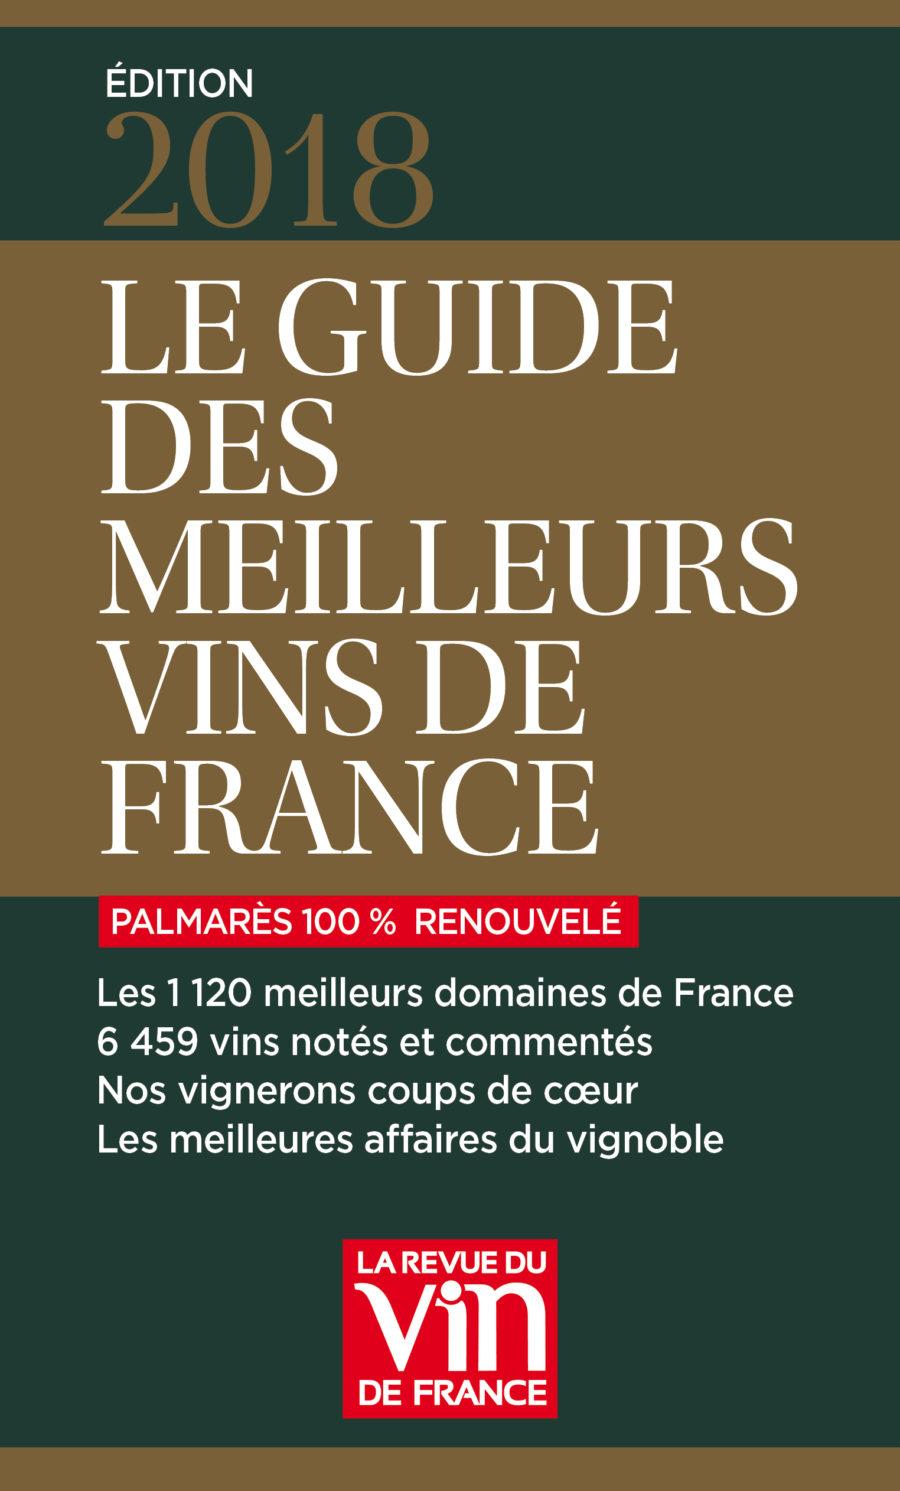 Guide des Meilleurs Vins de France 2018RVFp709-710